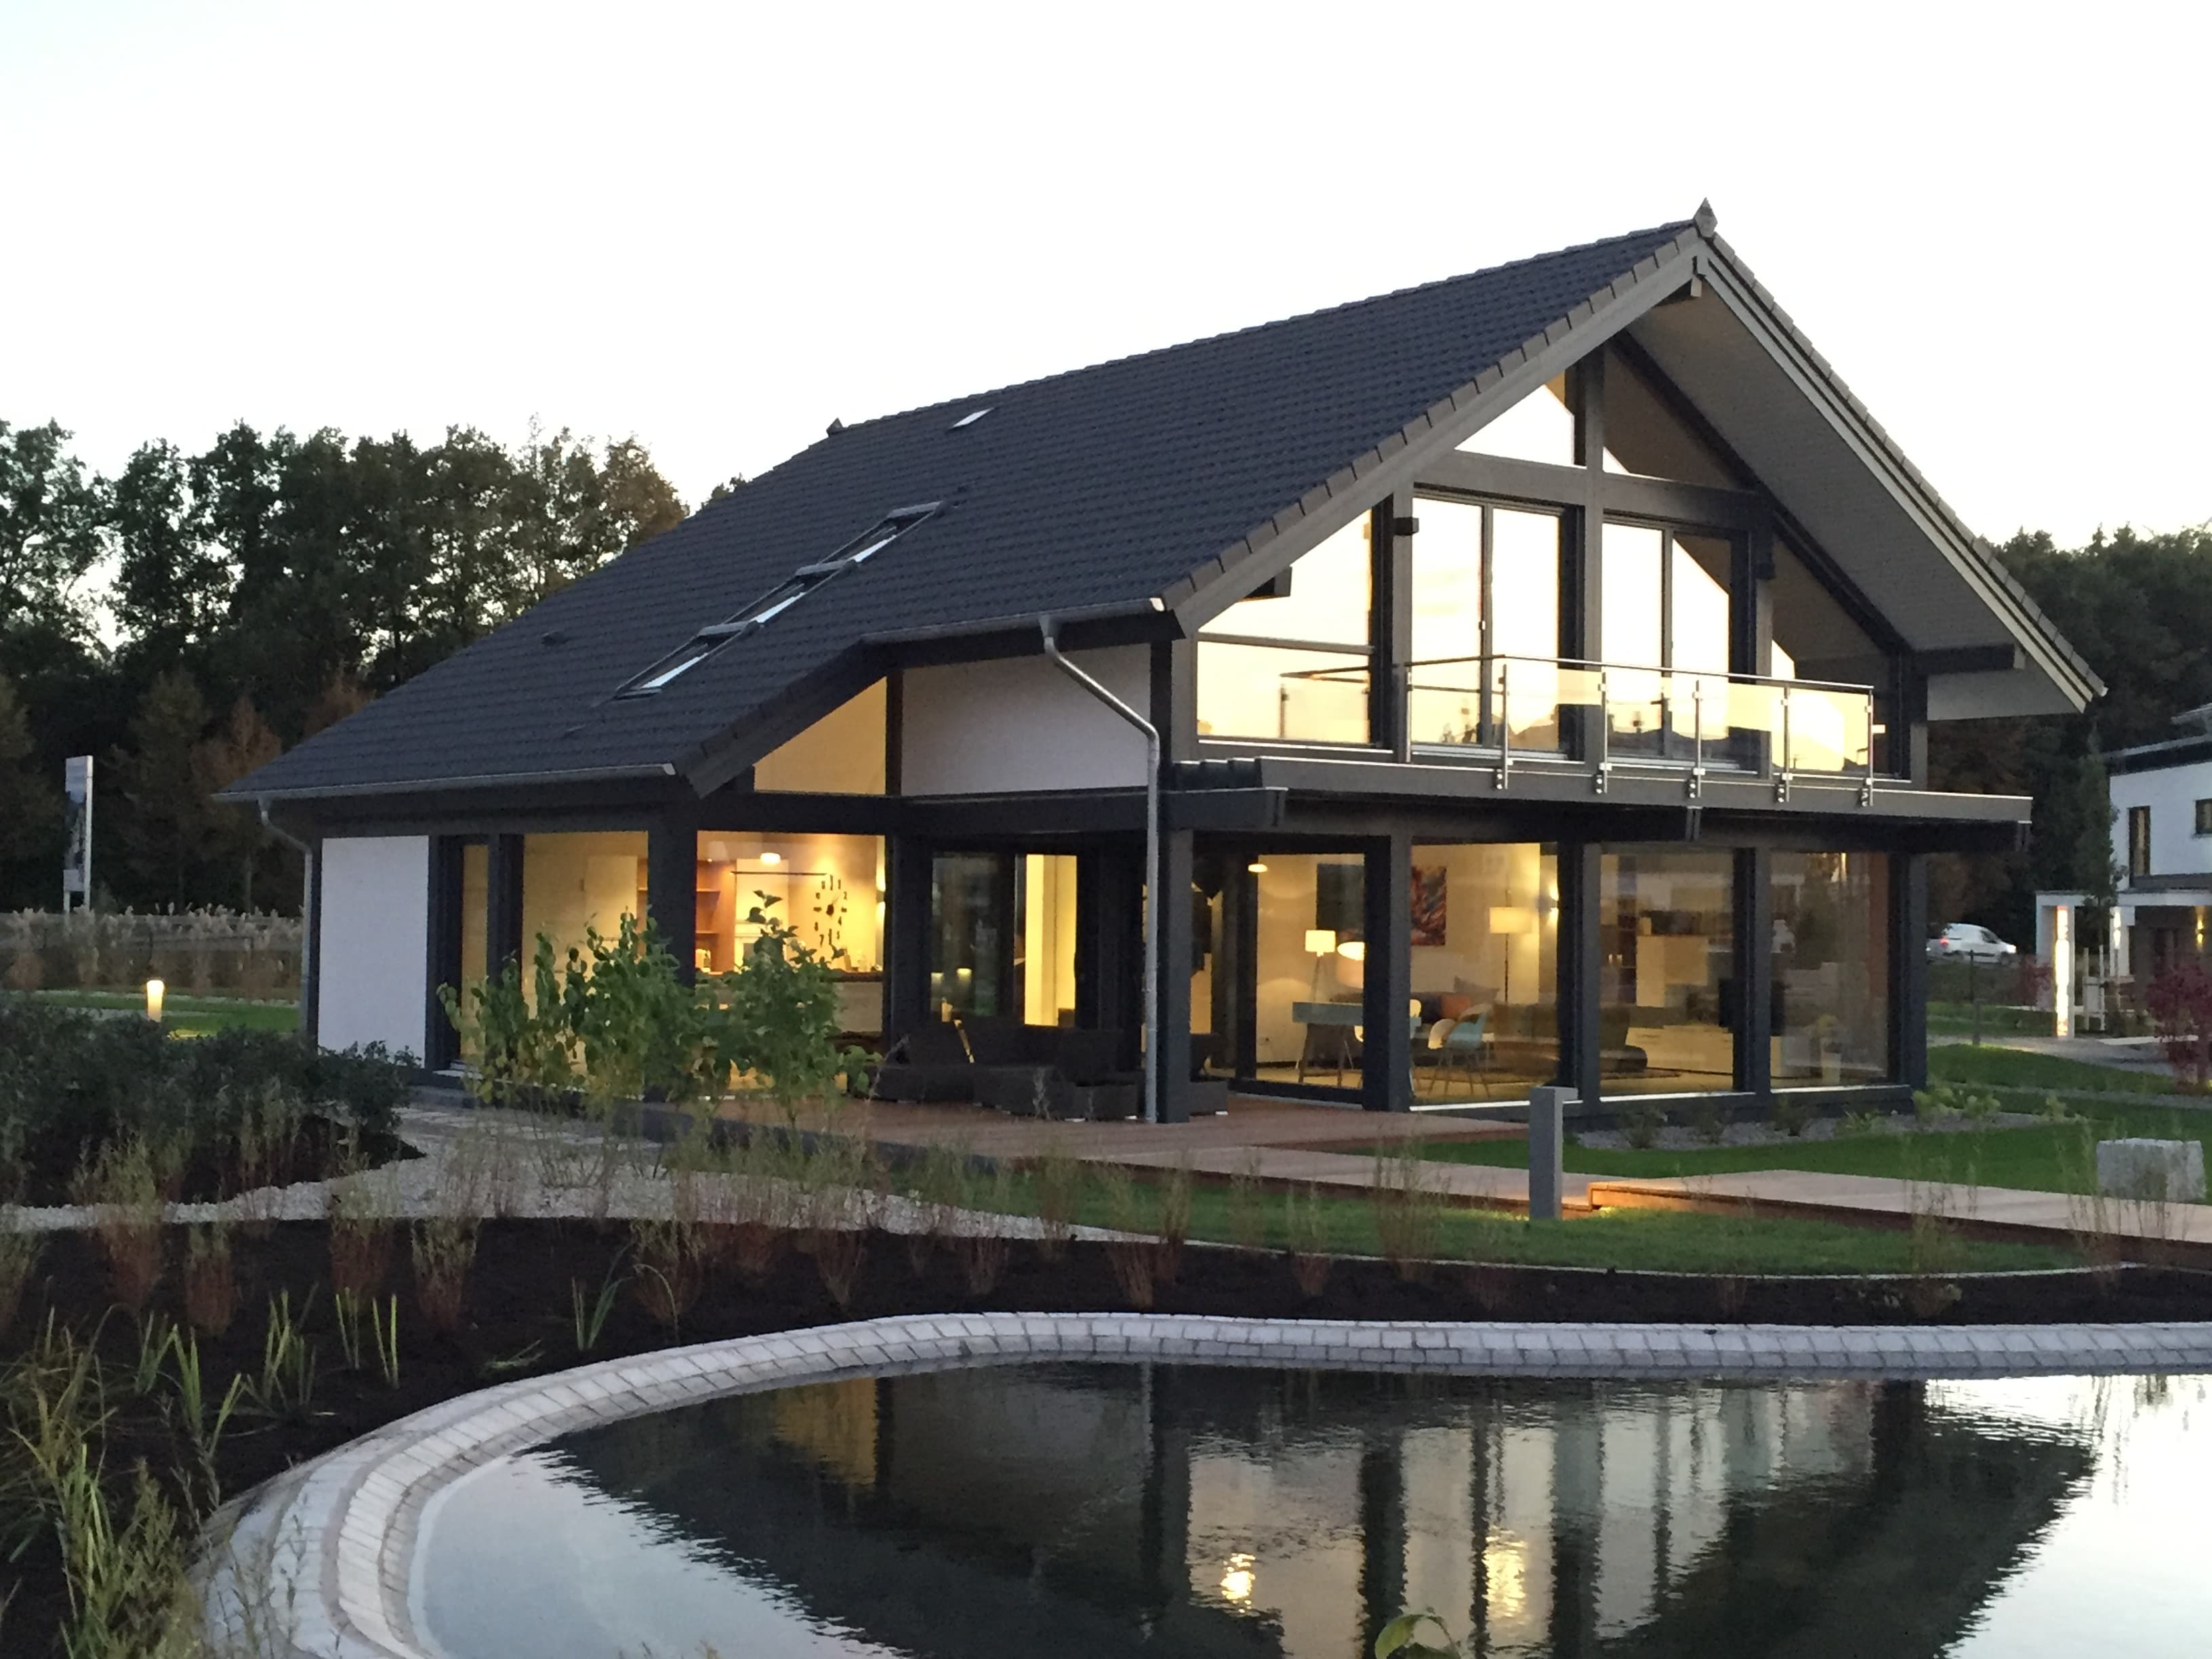 Meisterstück-HAUS baut Architektenhäuser in Holz-Skelettbauweise und Holz-Tafelbauweise.